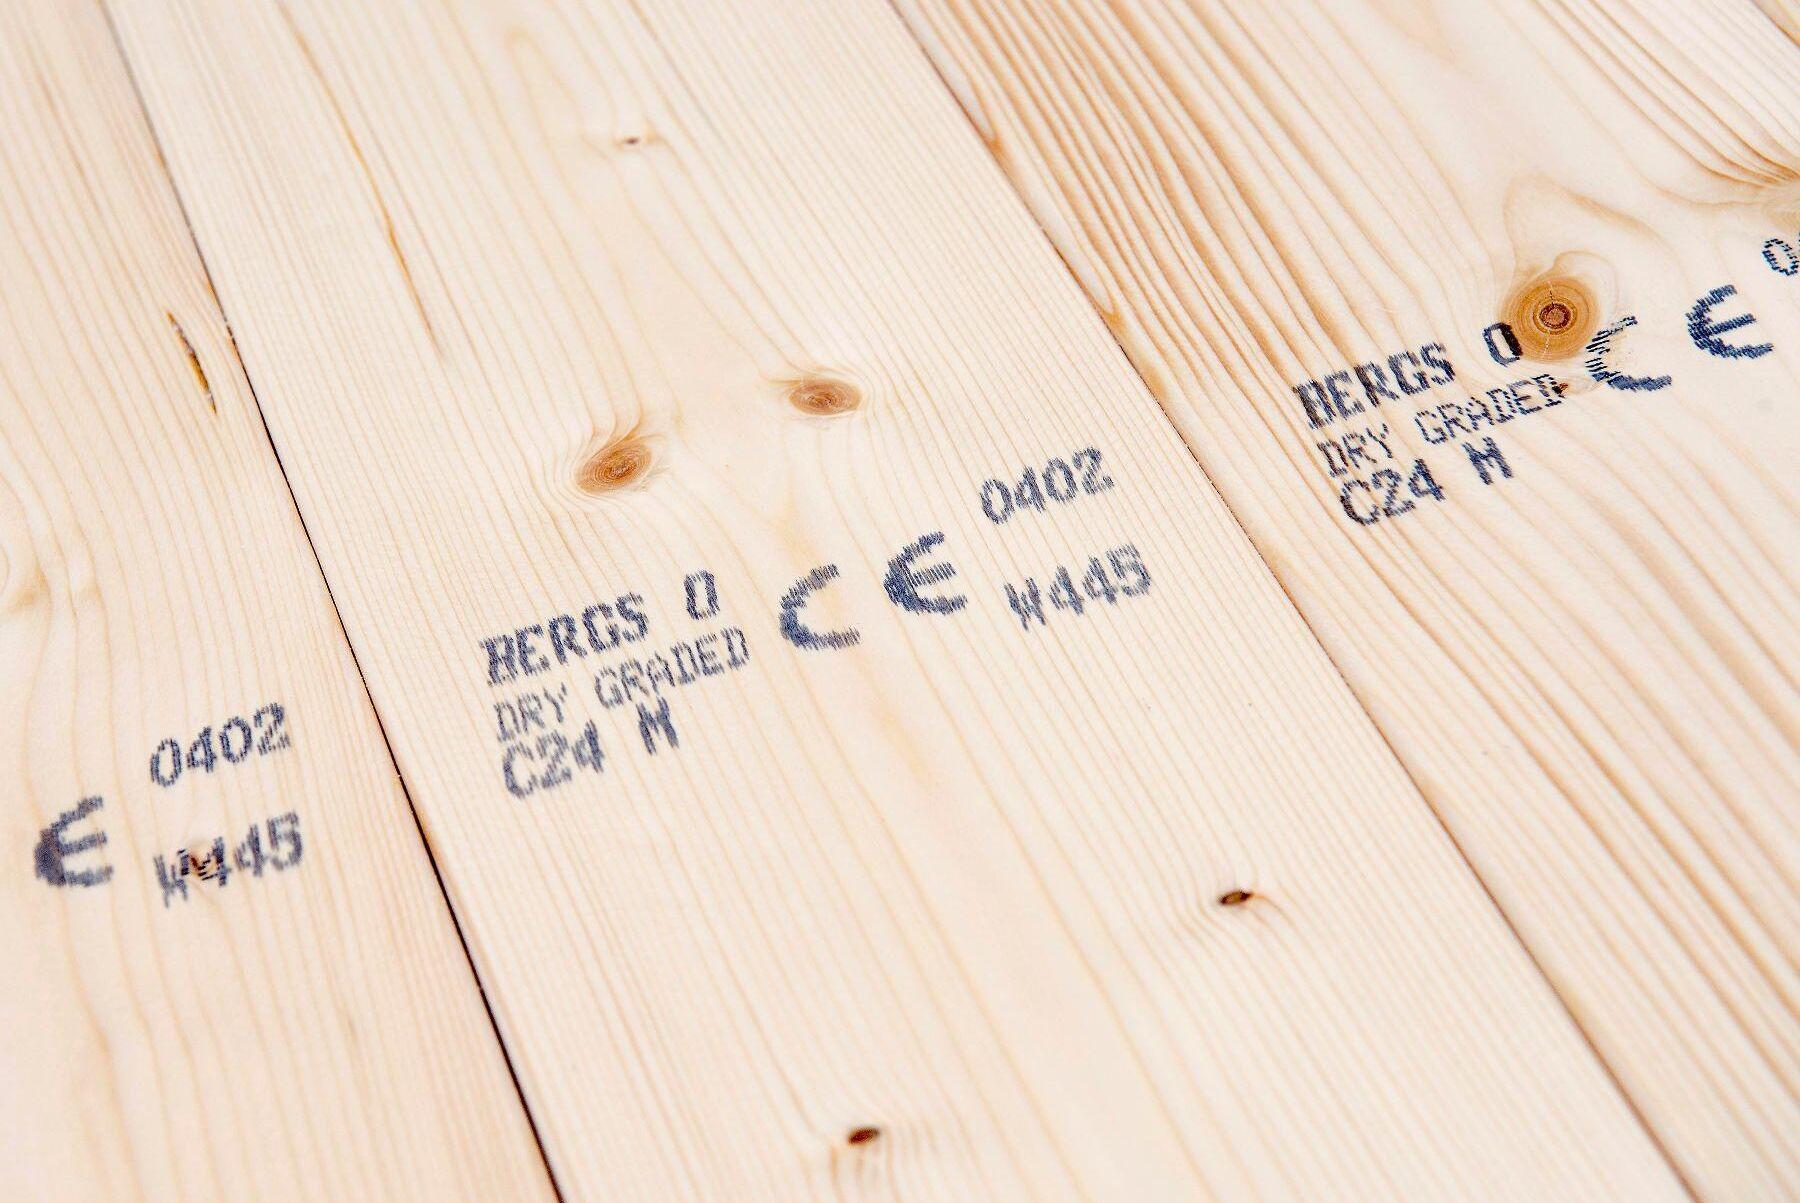 Mindre sågning och mer förädling. Där tror Bergs Timber att tillväxten och lönsamheten finns framöver.